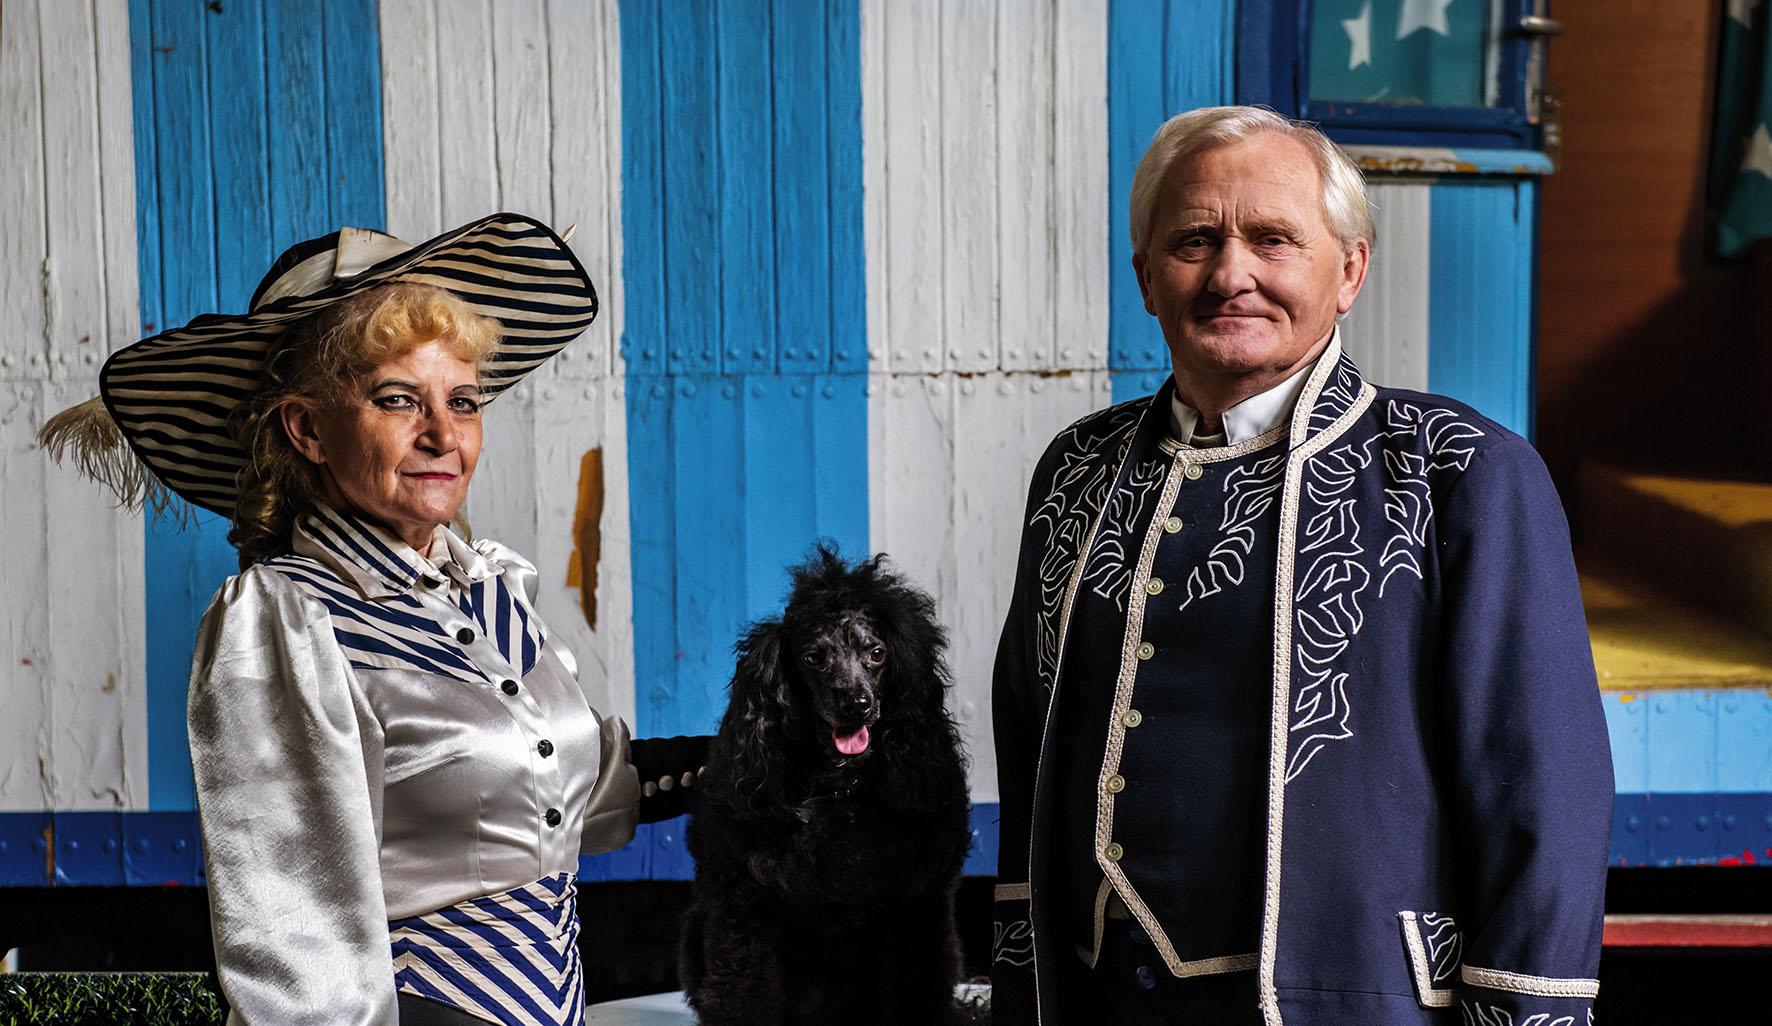 Kutyusokkal szép az élet – Villáminterjú Richter Miskával